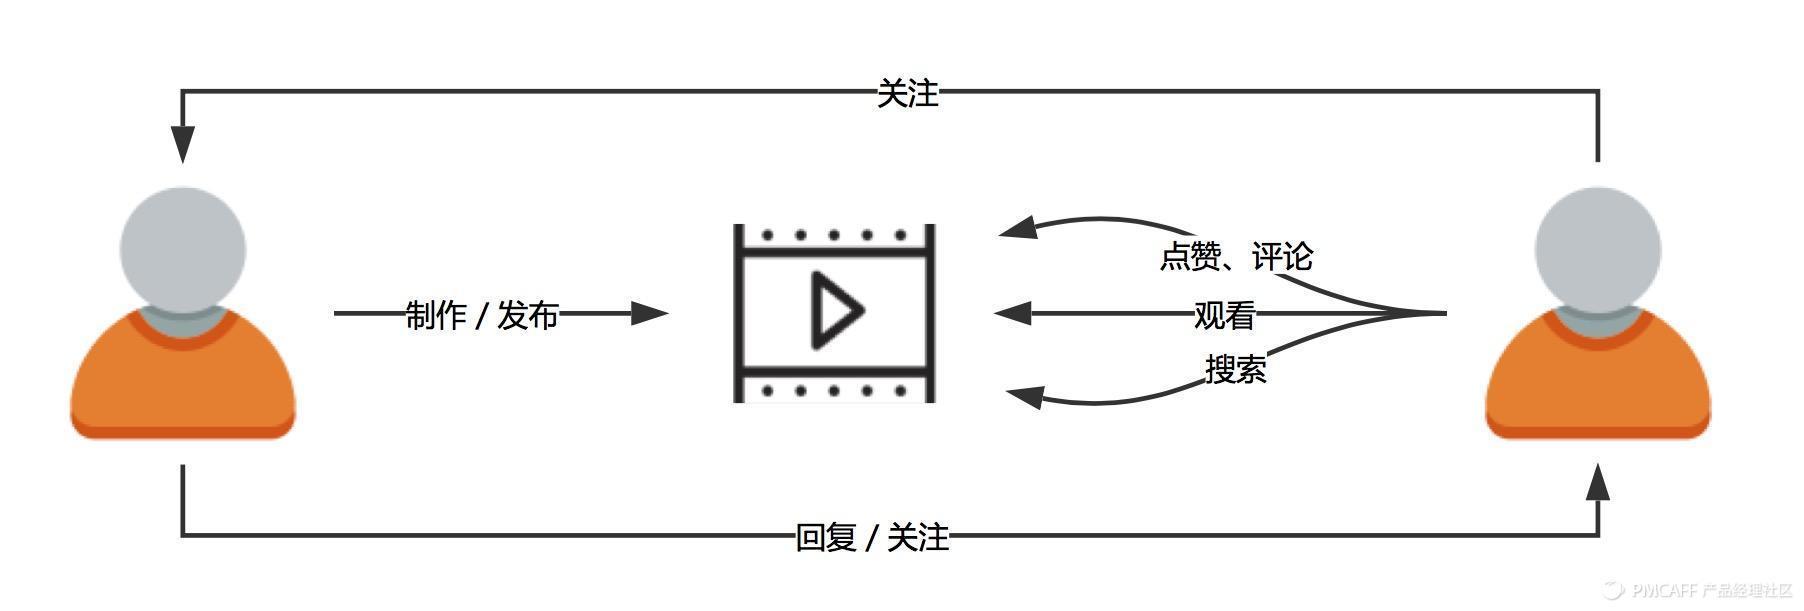 抖音核心业务逻辑.jpg